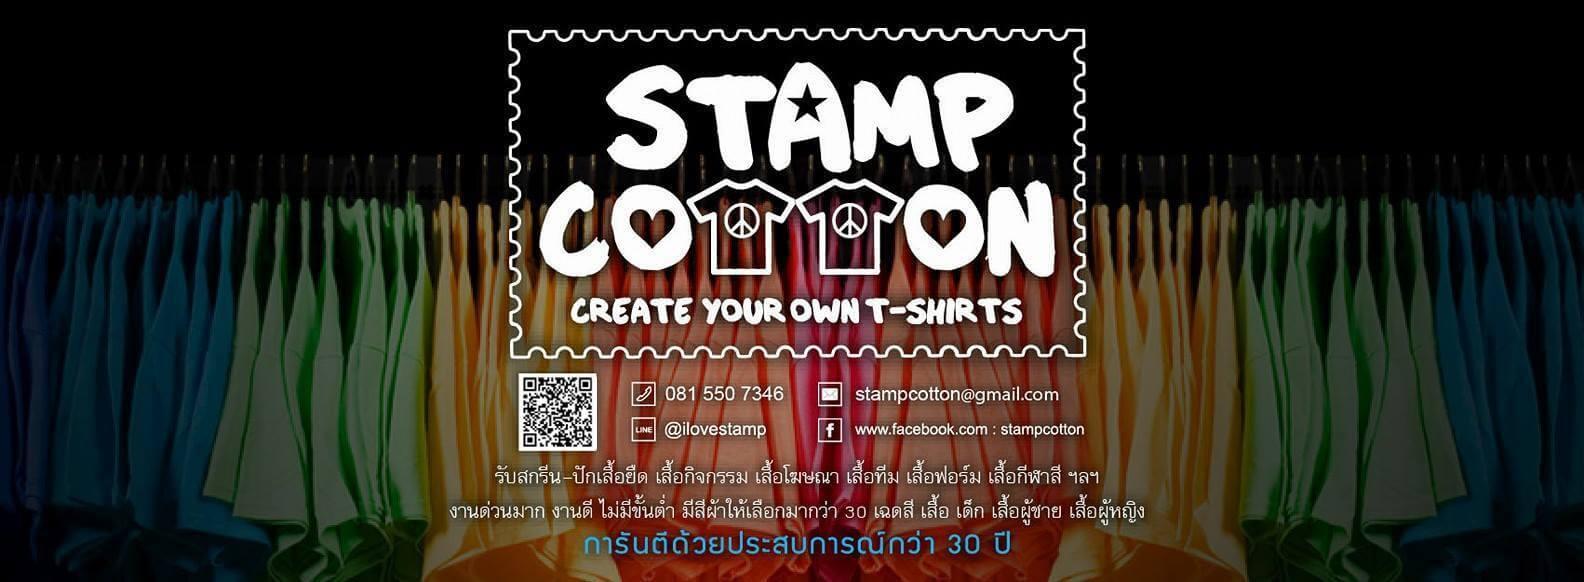 Stamp Cotton โรงงานผลิตเสื้อยืดเสื้อโปโล, เสื้อยืด,เสื้อคอกลม,เสื้อคอวี